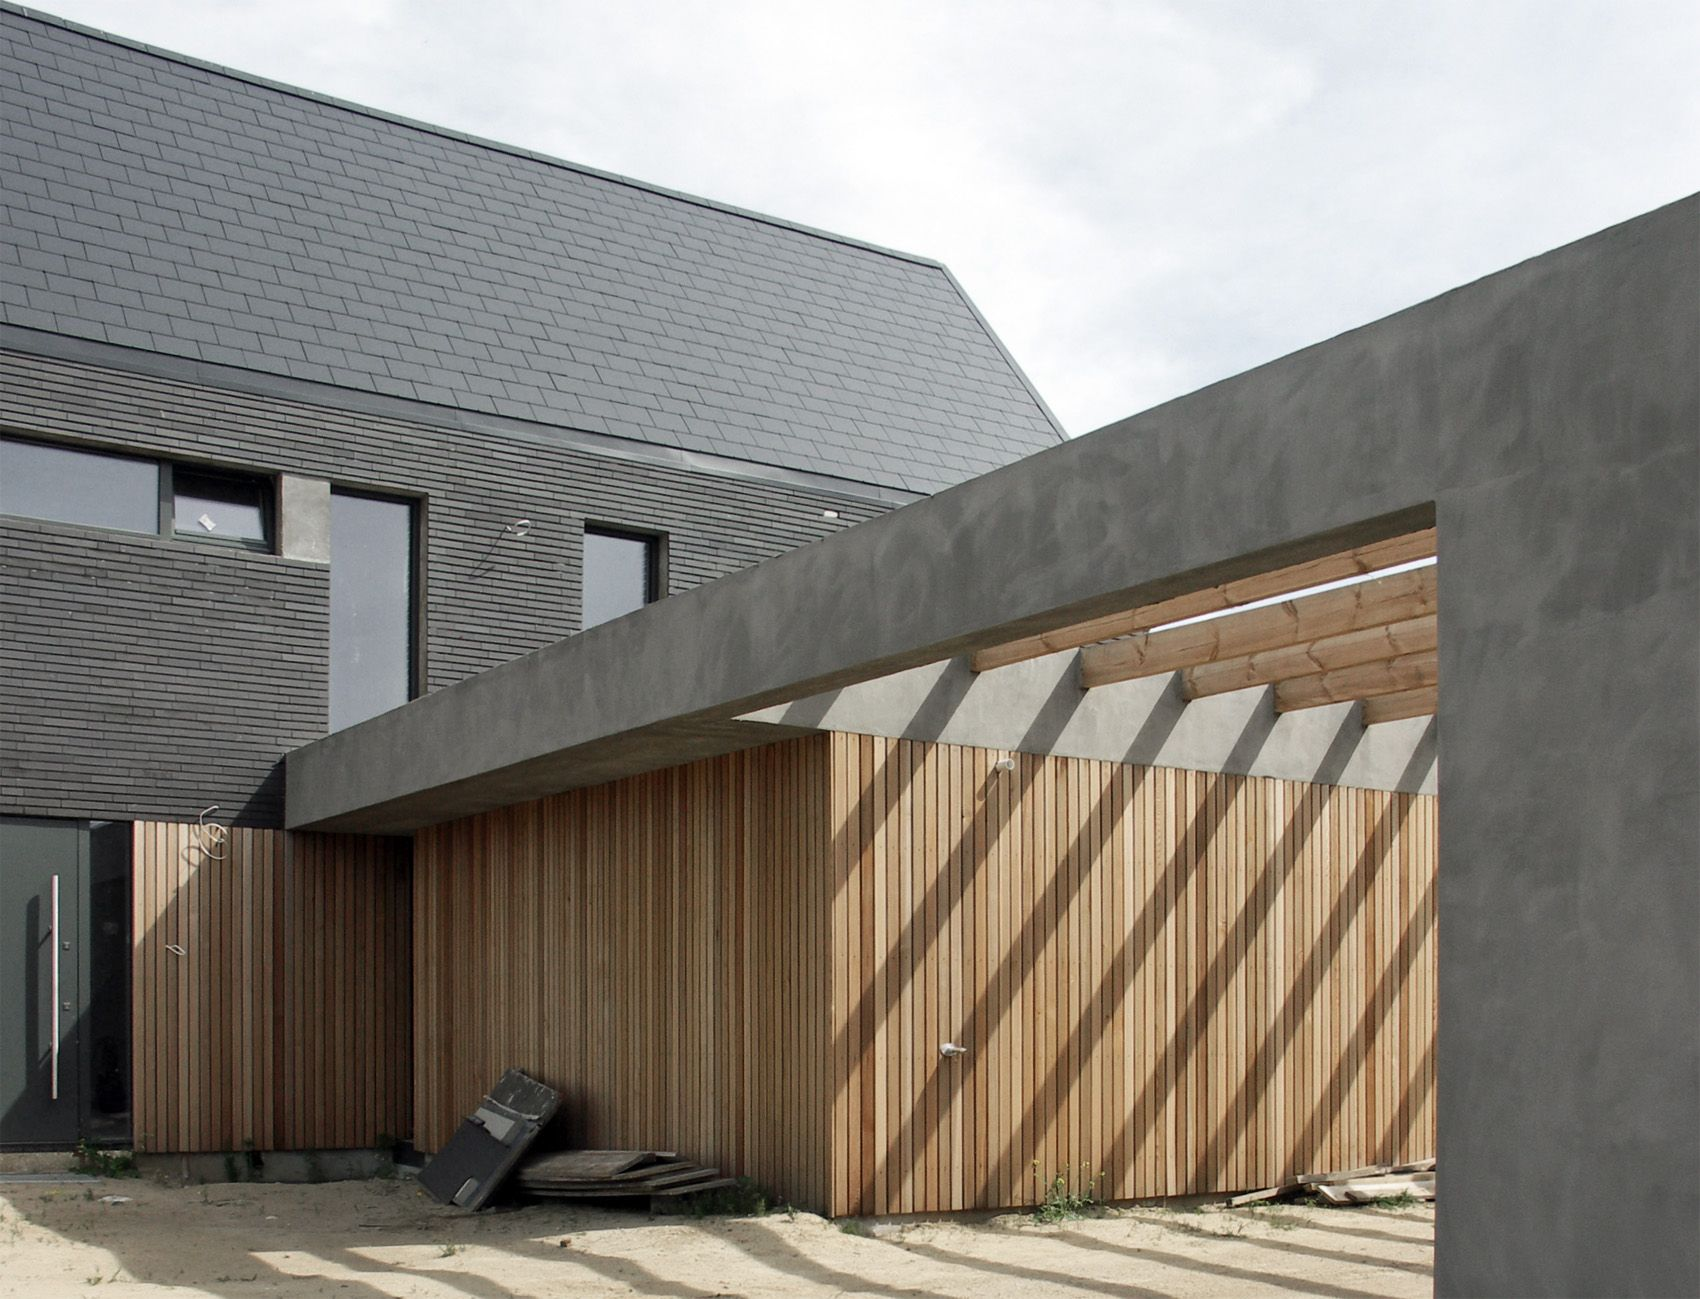 dom w Bojanie - PRACOWNIA 111   architectuur   Pinterest   Carport ...